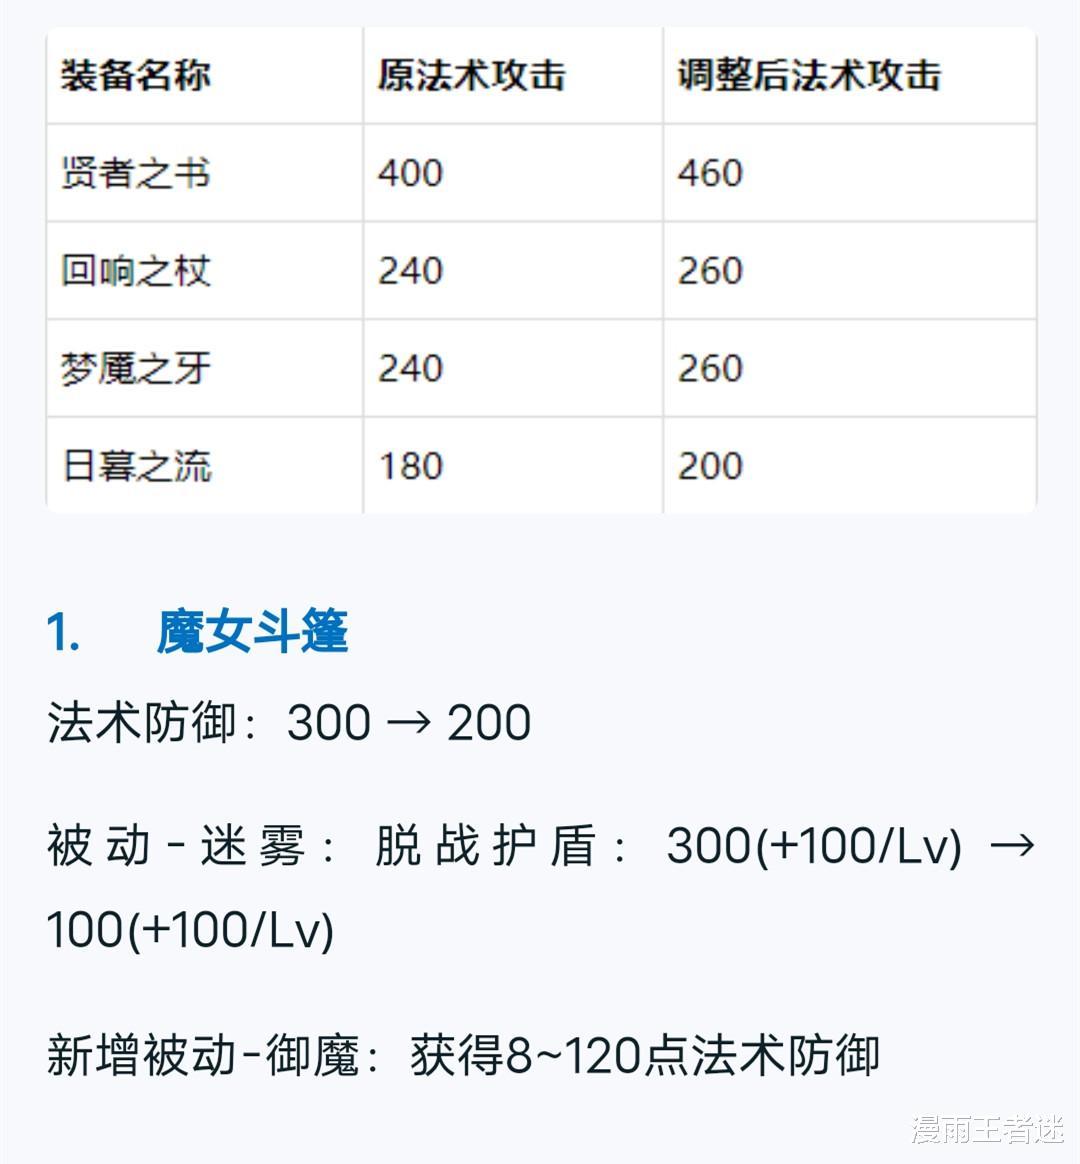 """《【煜星娱乐登录地址】RNGM花2千万买""""猫六初"""":看似乱买,实则在大气层?体验服已上线""""中核版本""""!》"""